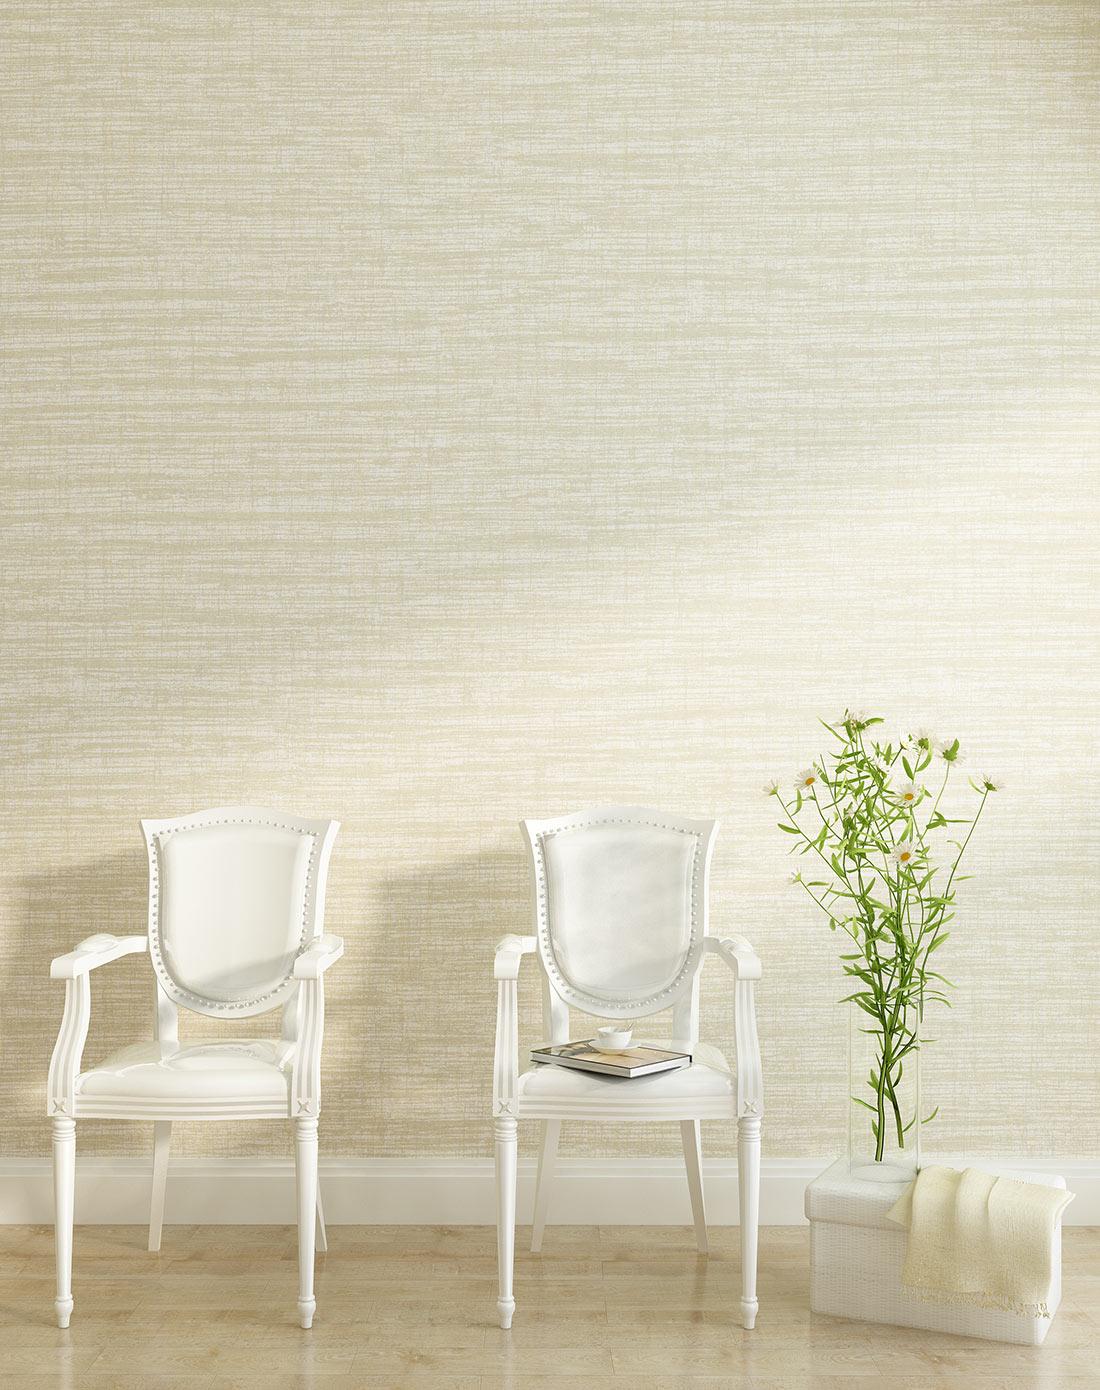 米素墙纸专场米色美式复古约克风客厅卧室通用墙纸ms